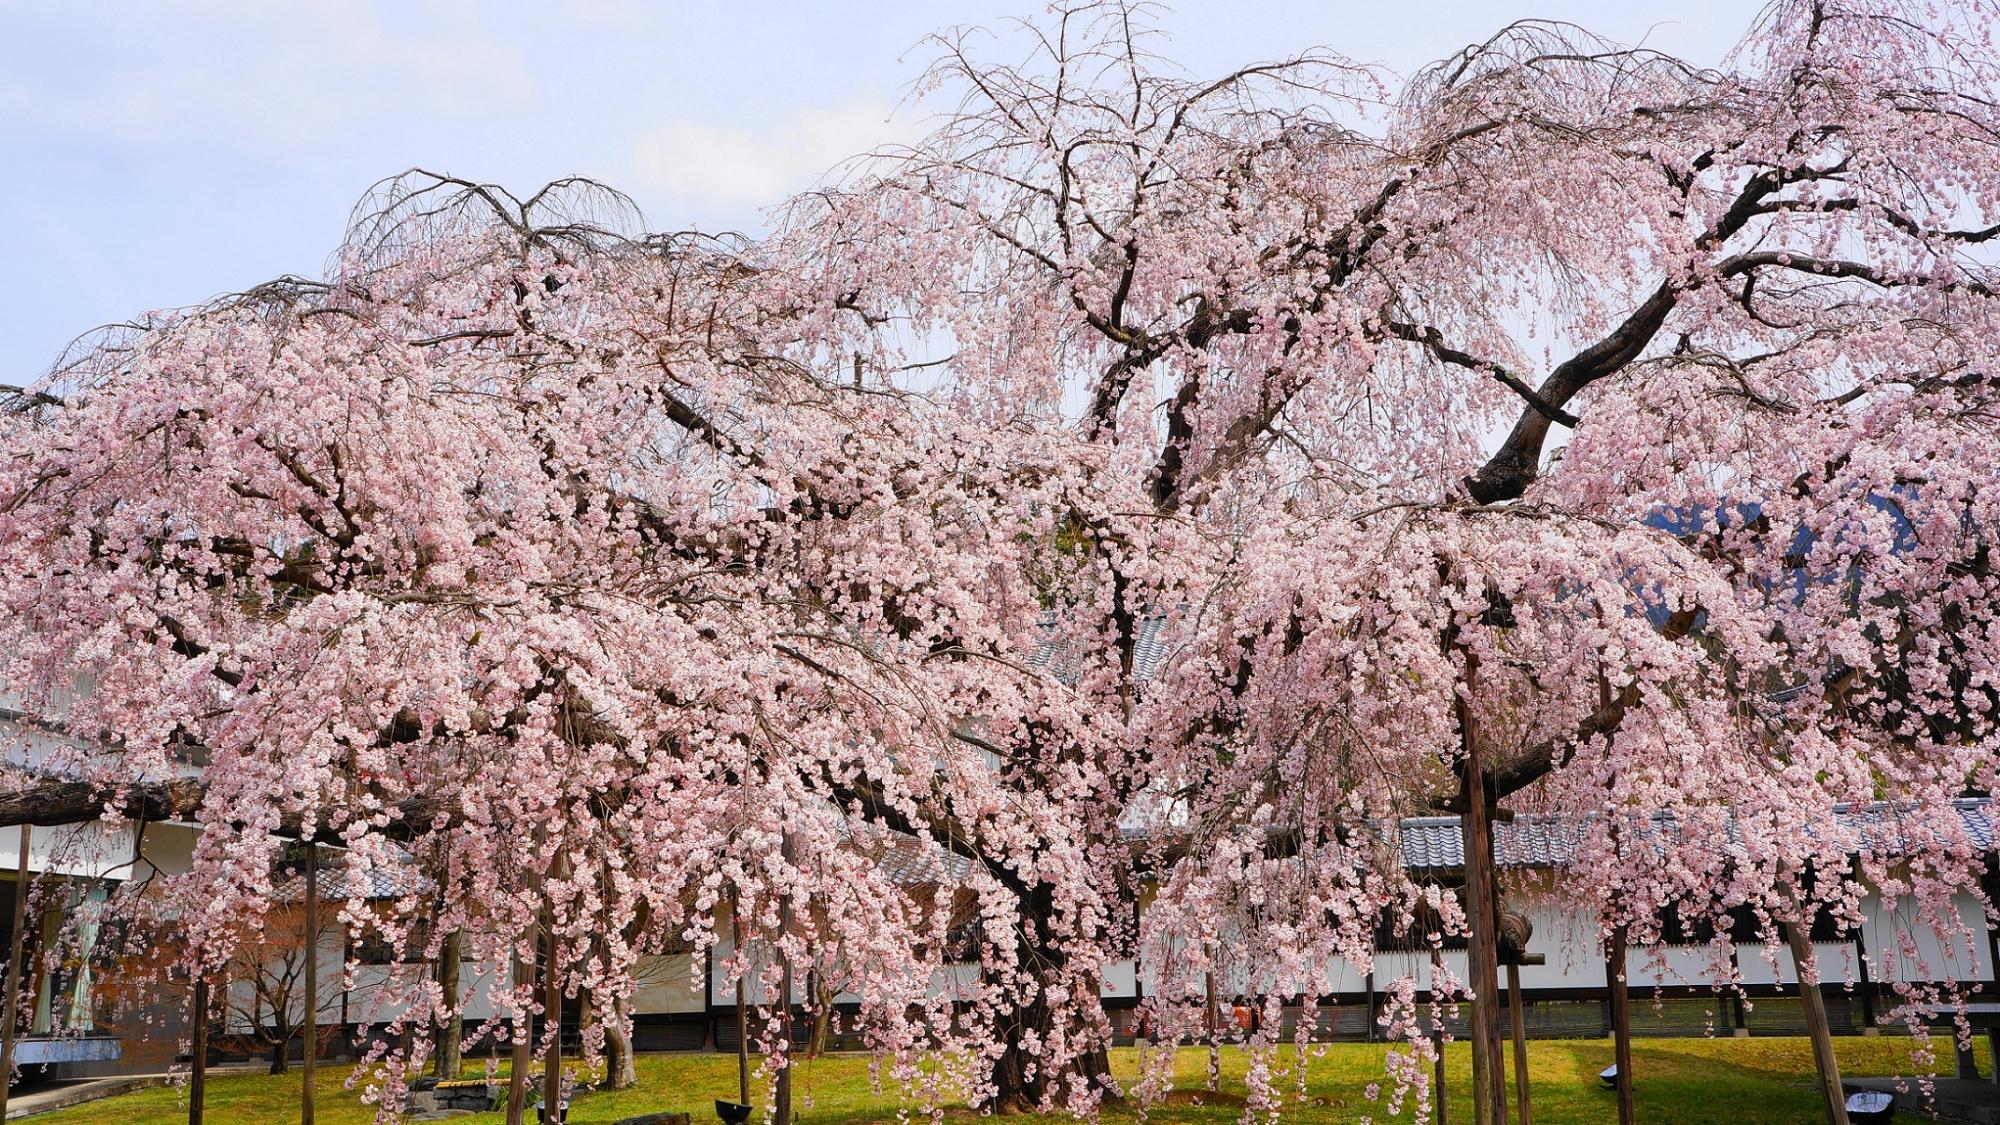 秀吉の醍醐の花見で有名な醍醐寺の霊宝館の満開の迫力の醍醐深雪桜(みゆき桜)